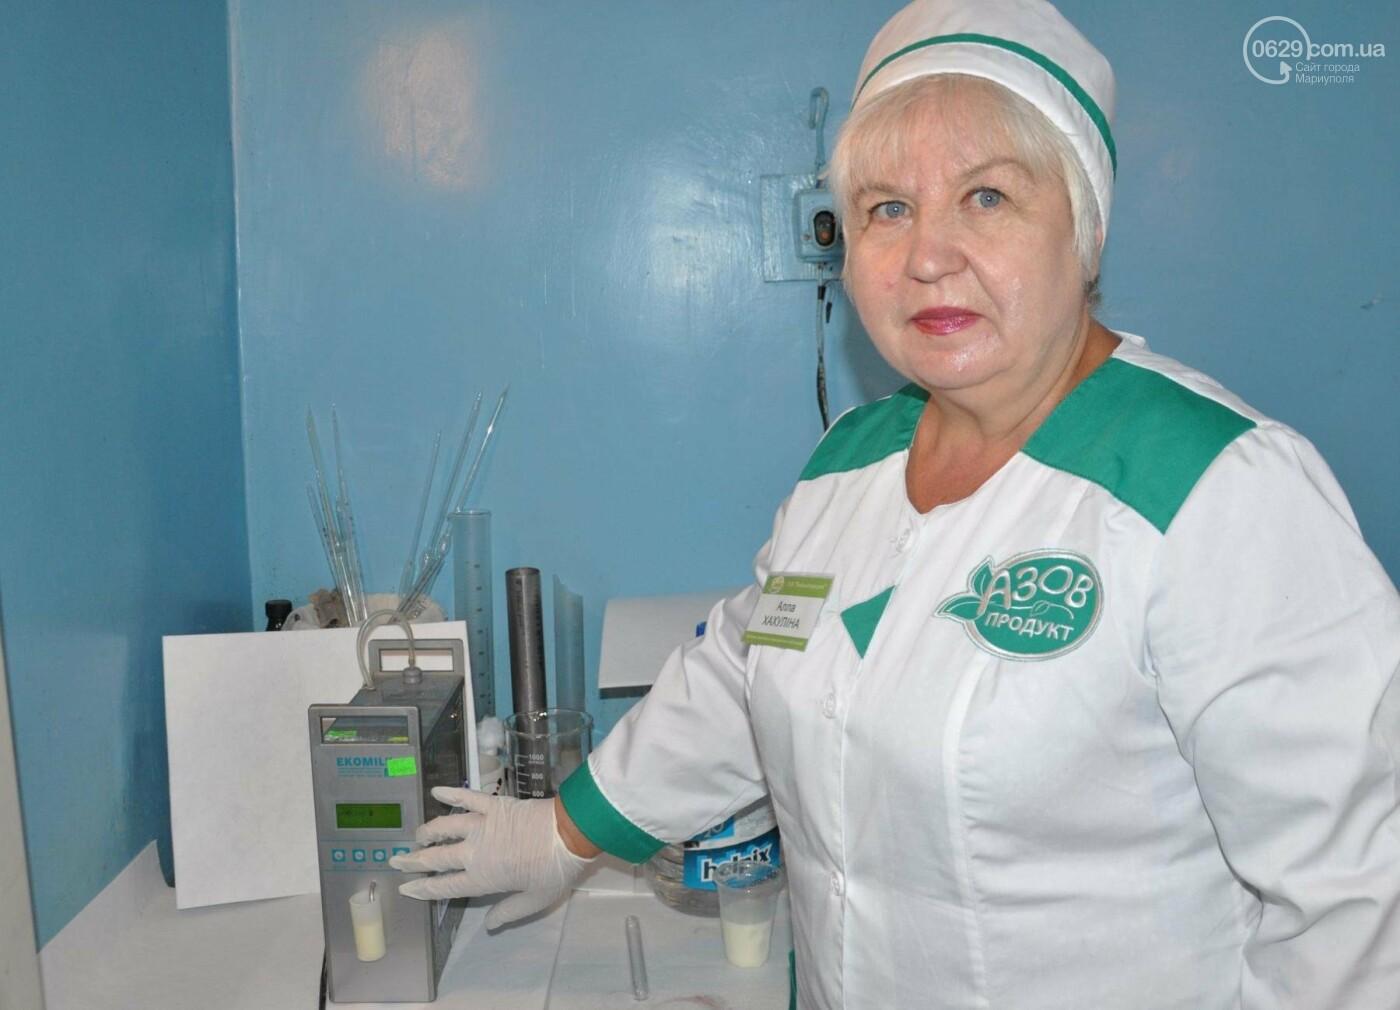 Откуда Мариупольский молокозавод получает натуральное молоко?, фото-9